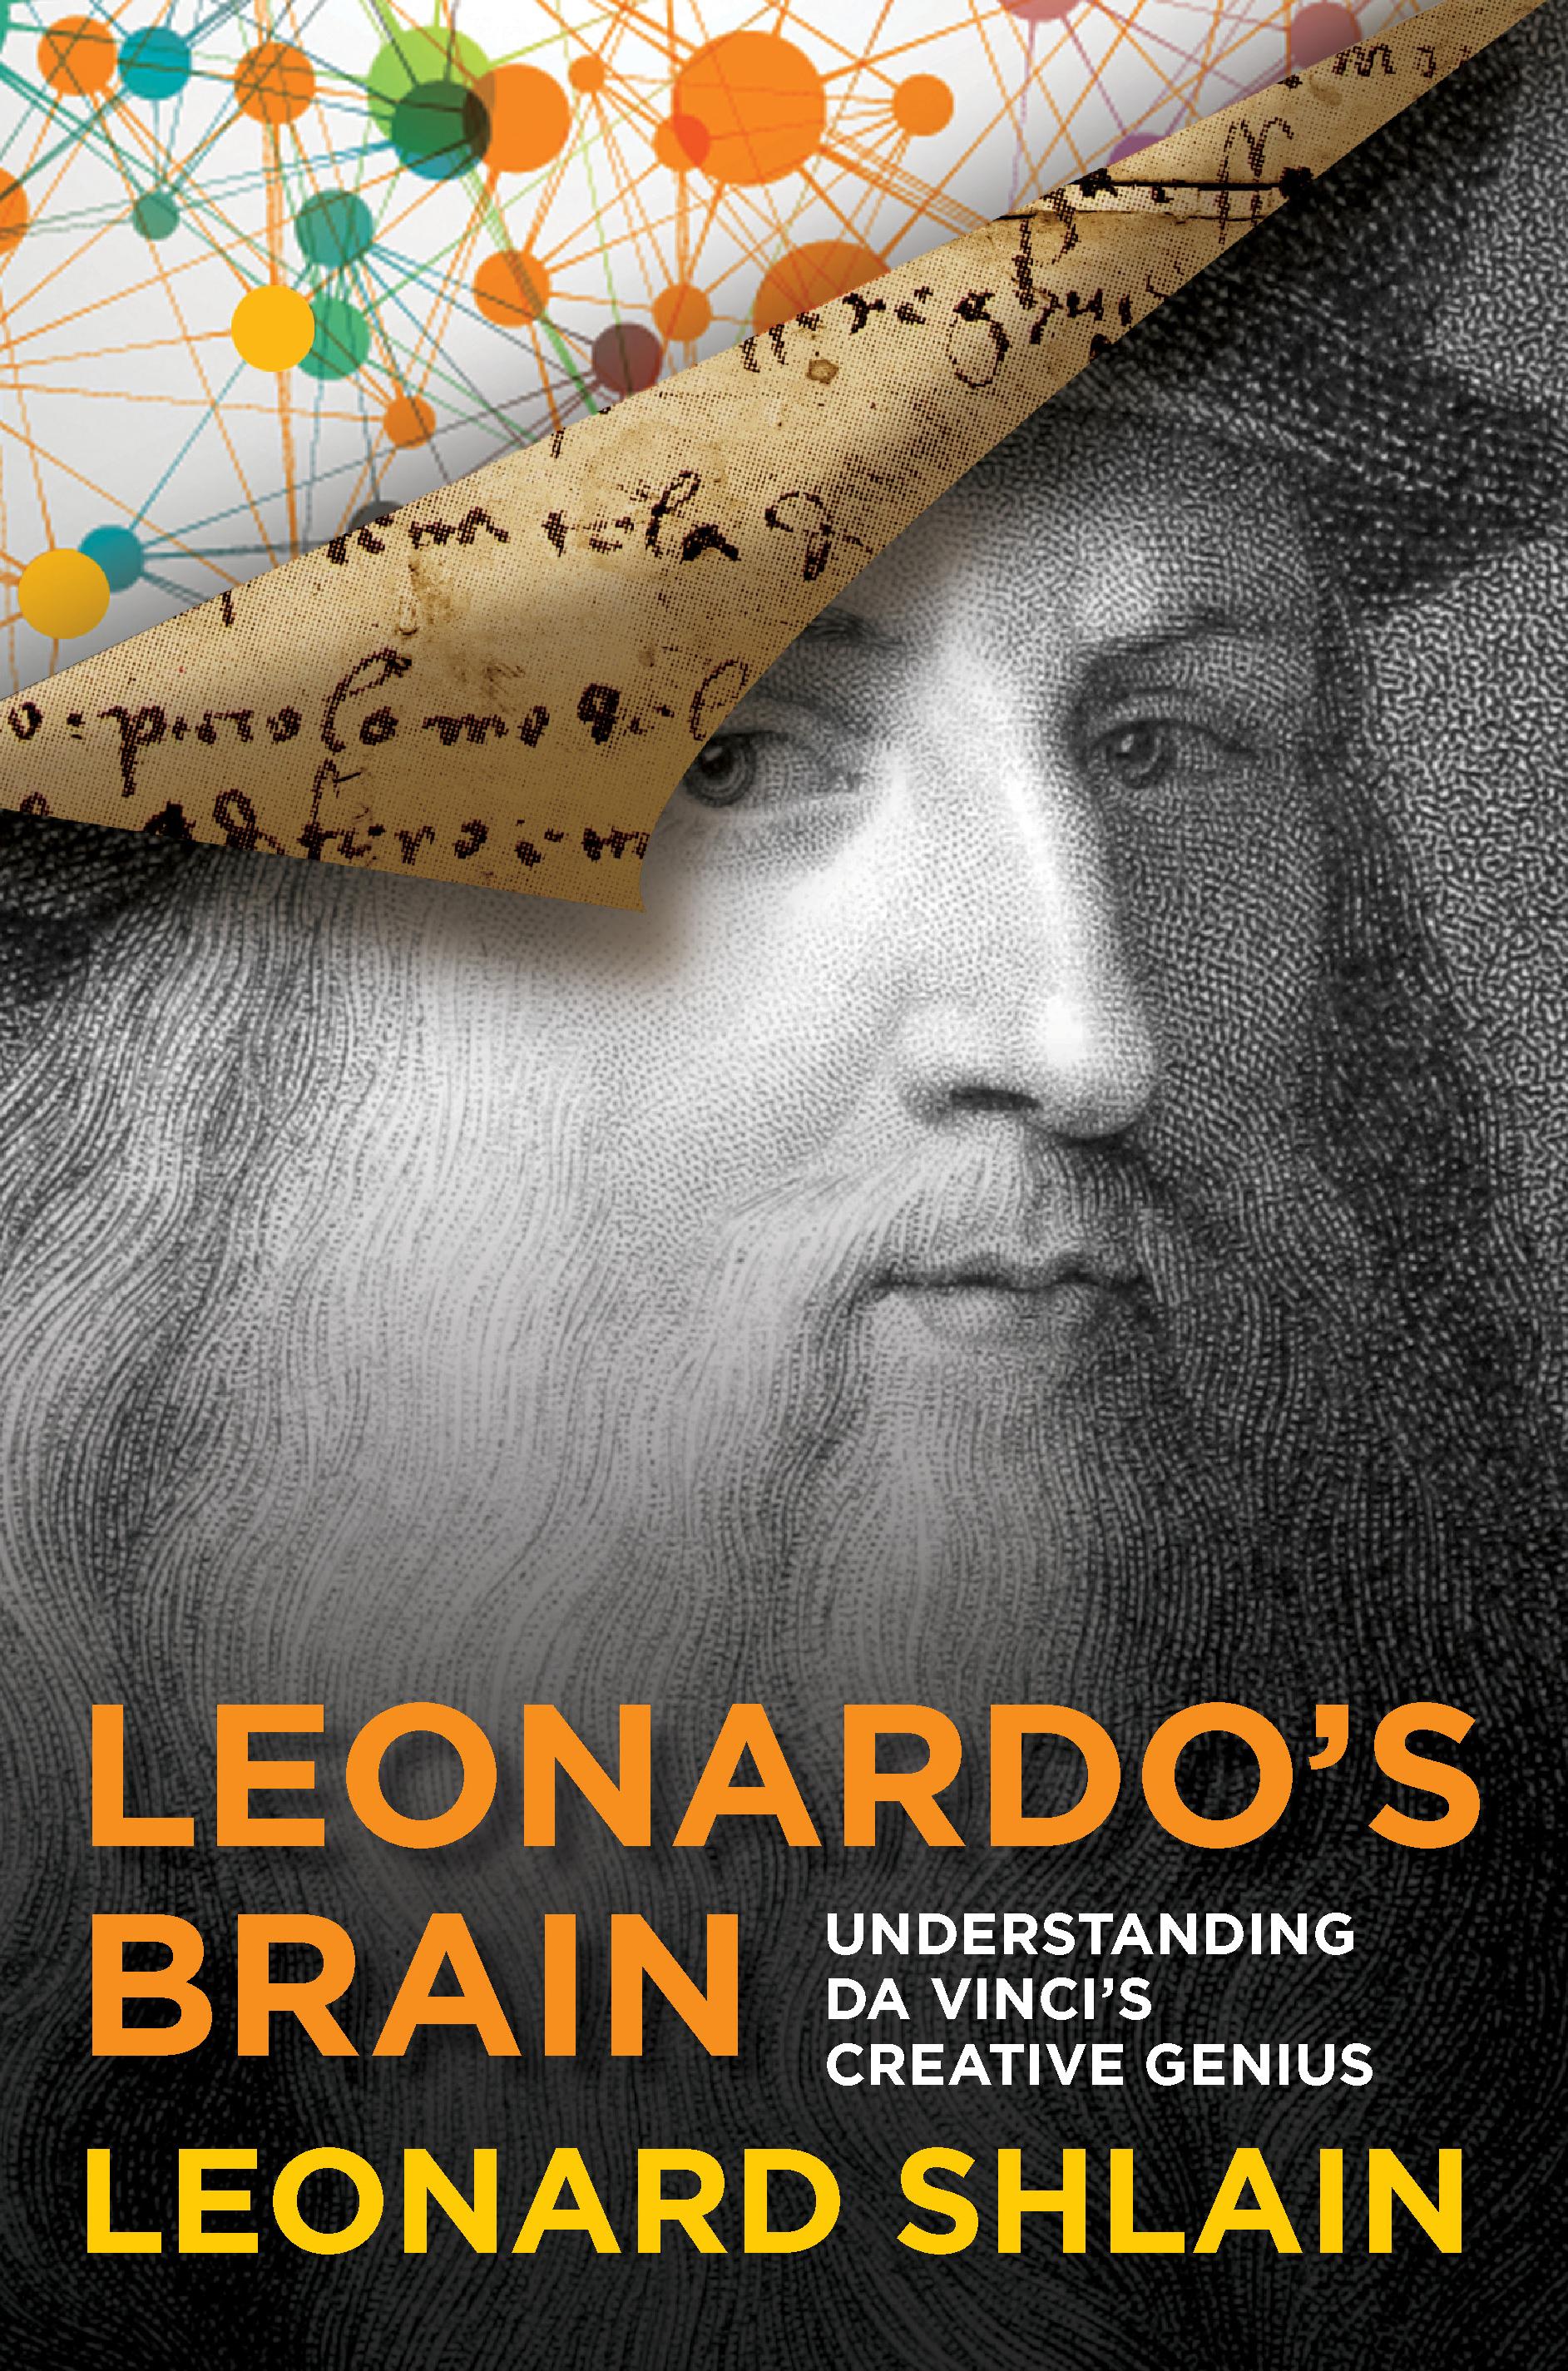 Leonardos_Brain_hi_res.jpg